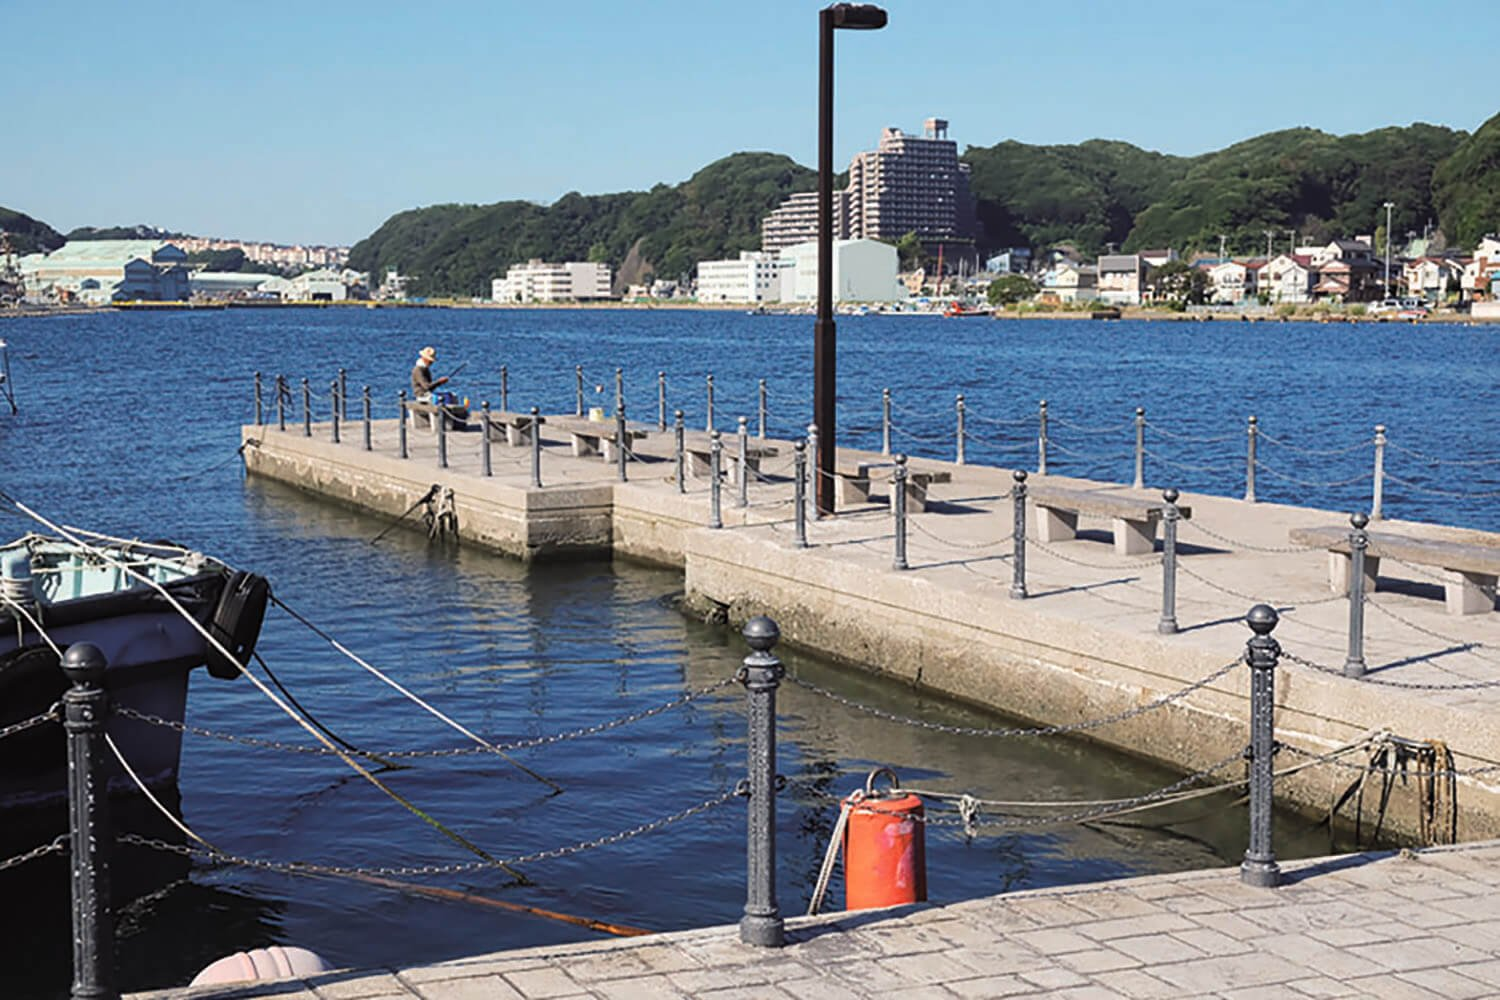 浦賀港の西側にある通称、陸軍桟橋。終戦後、南方や中国からの引揚者、約56万人がここから上陸した。